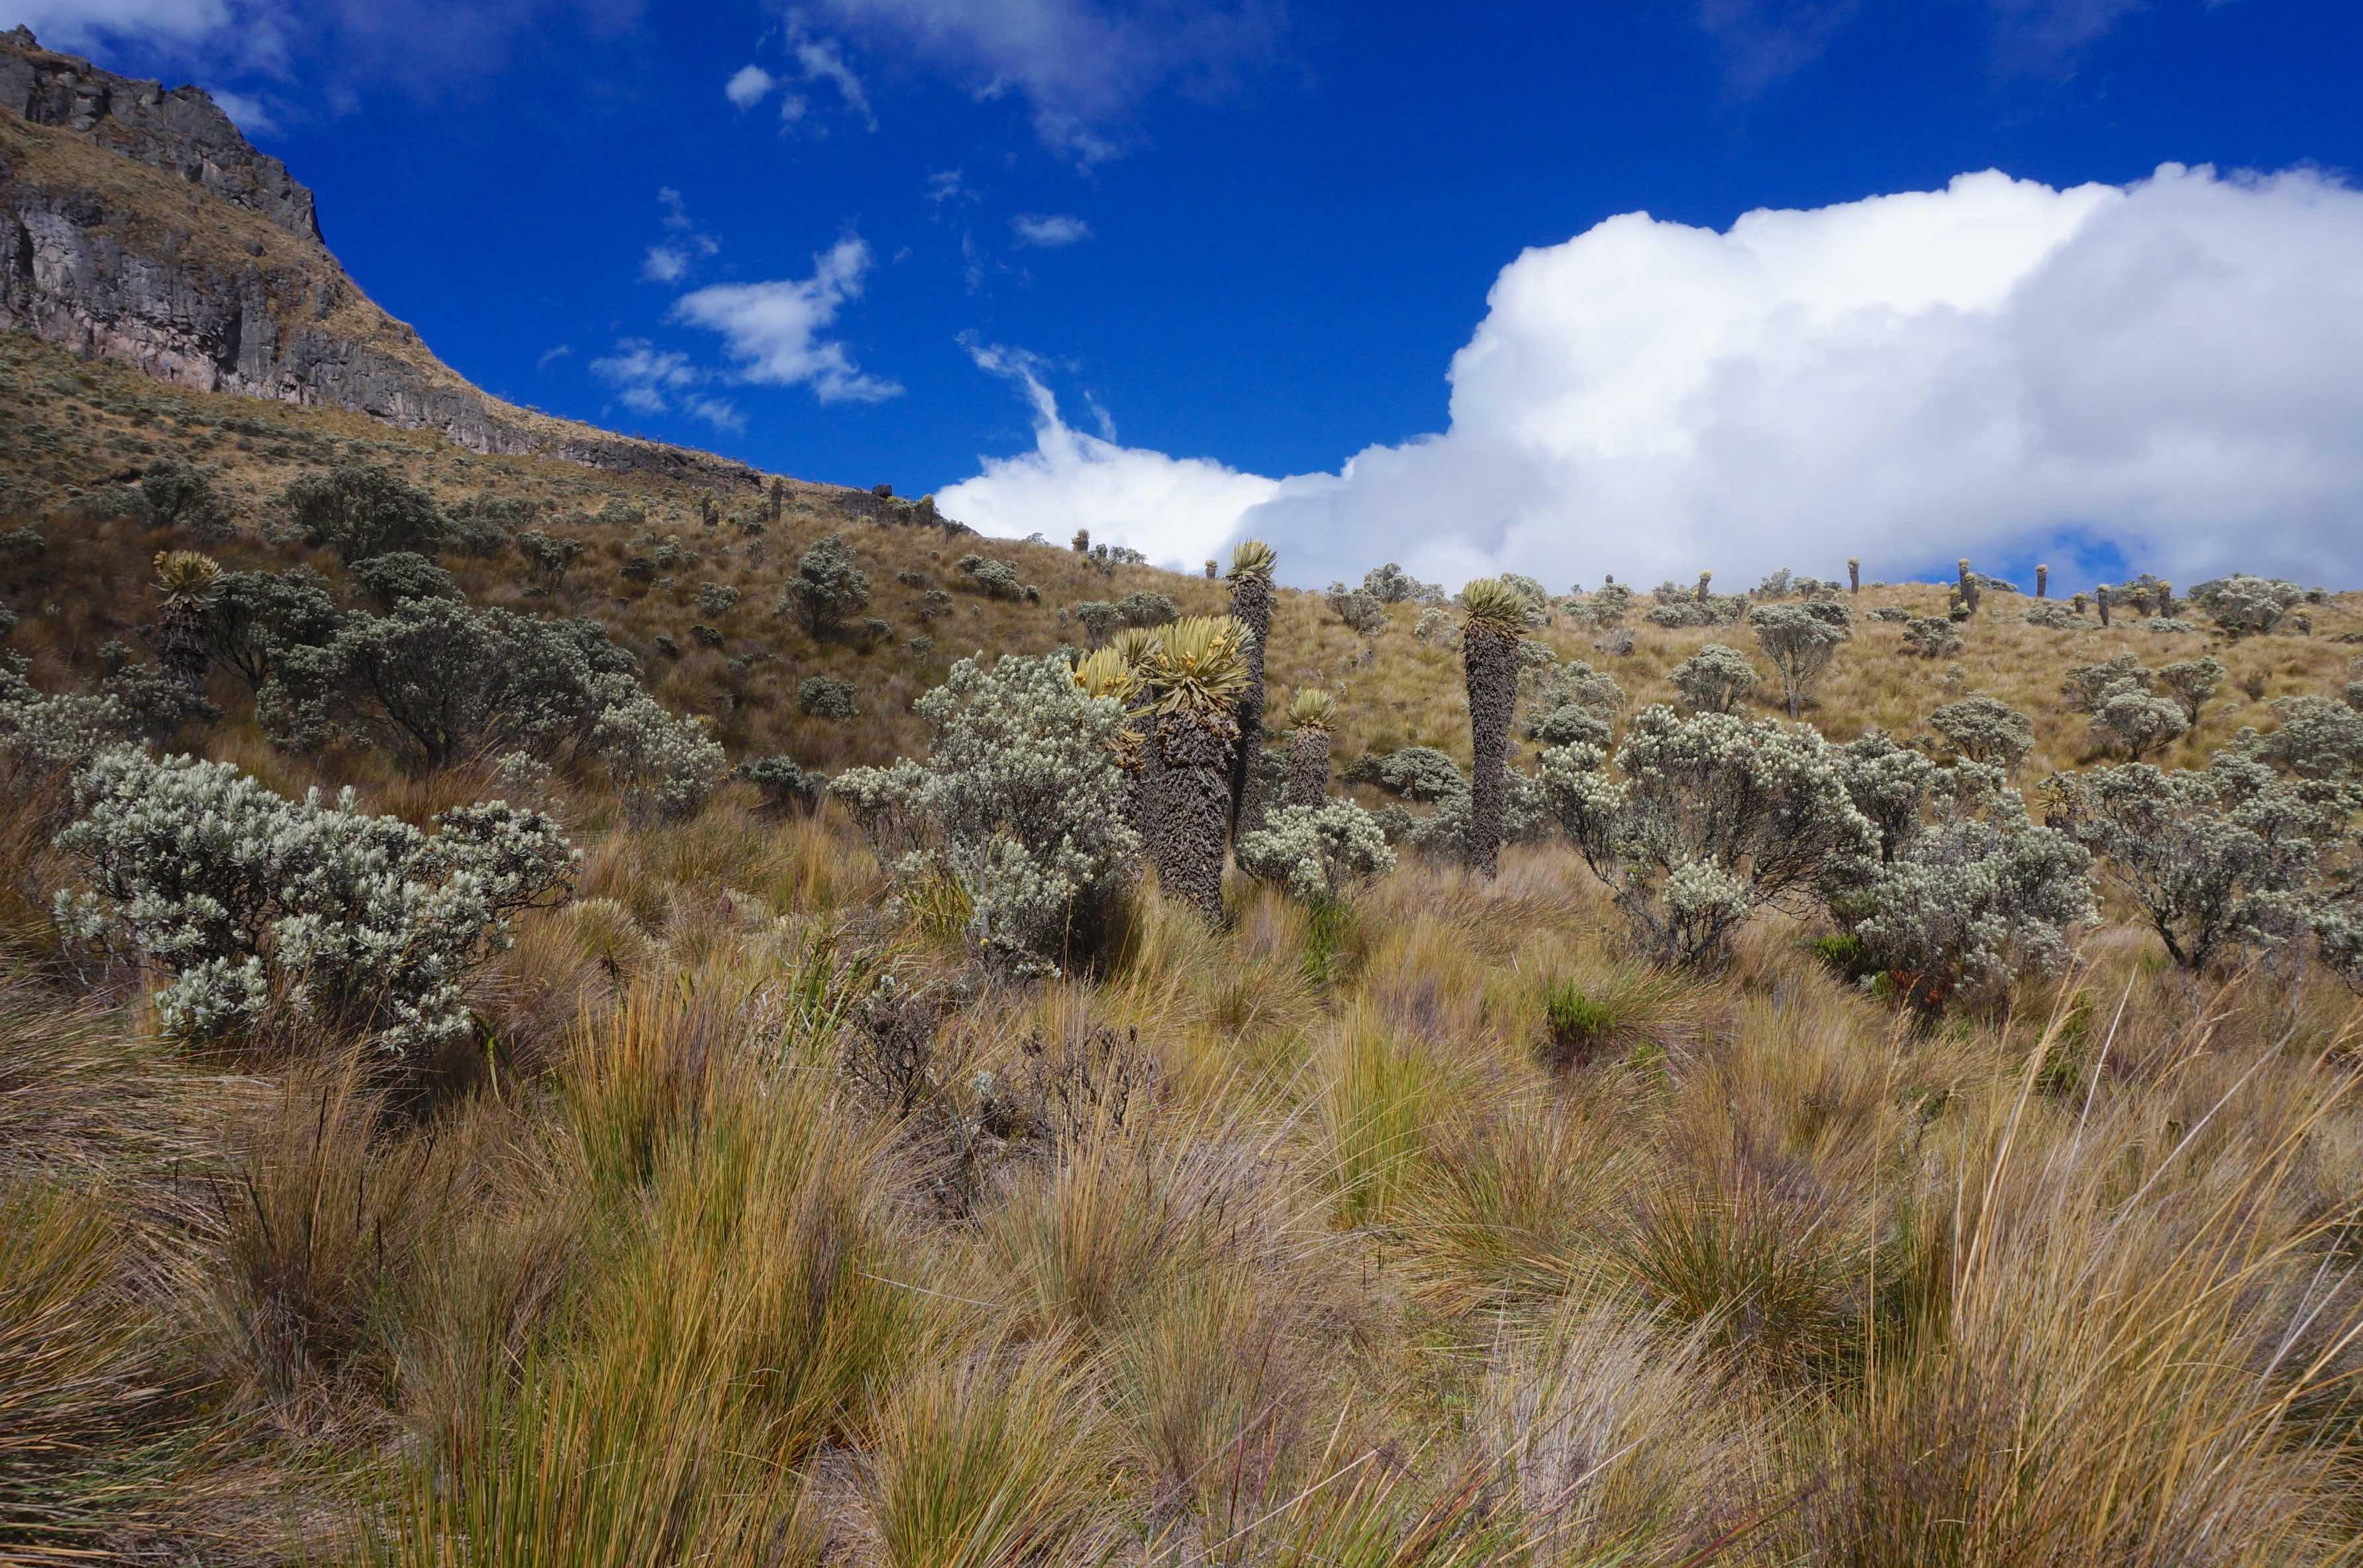 frailejones, paramo, glacier santa isabel, colombie, parc national los nevados